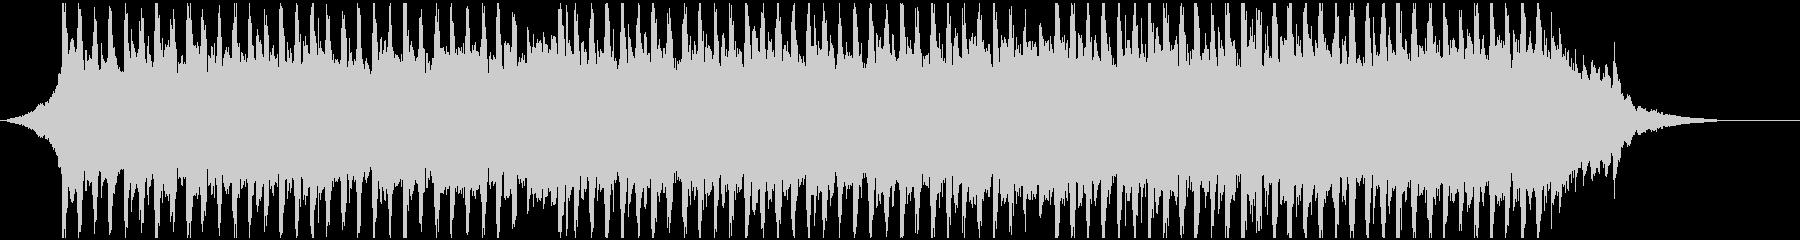 ポップ ロック 民謡 アクティブ ...の未再生の波形